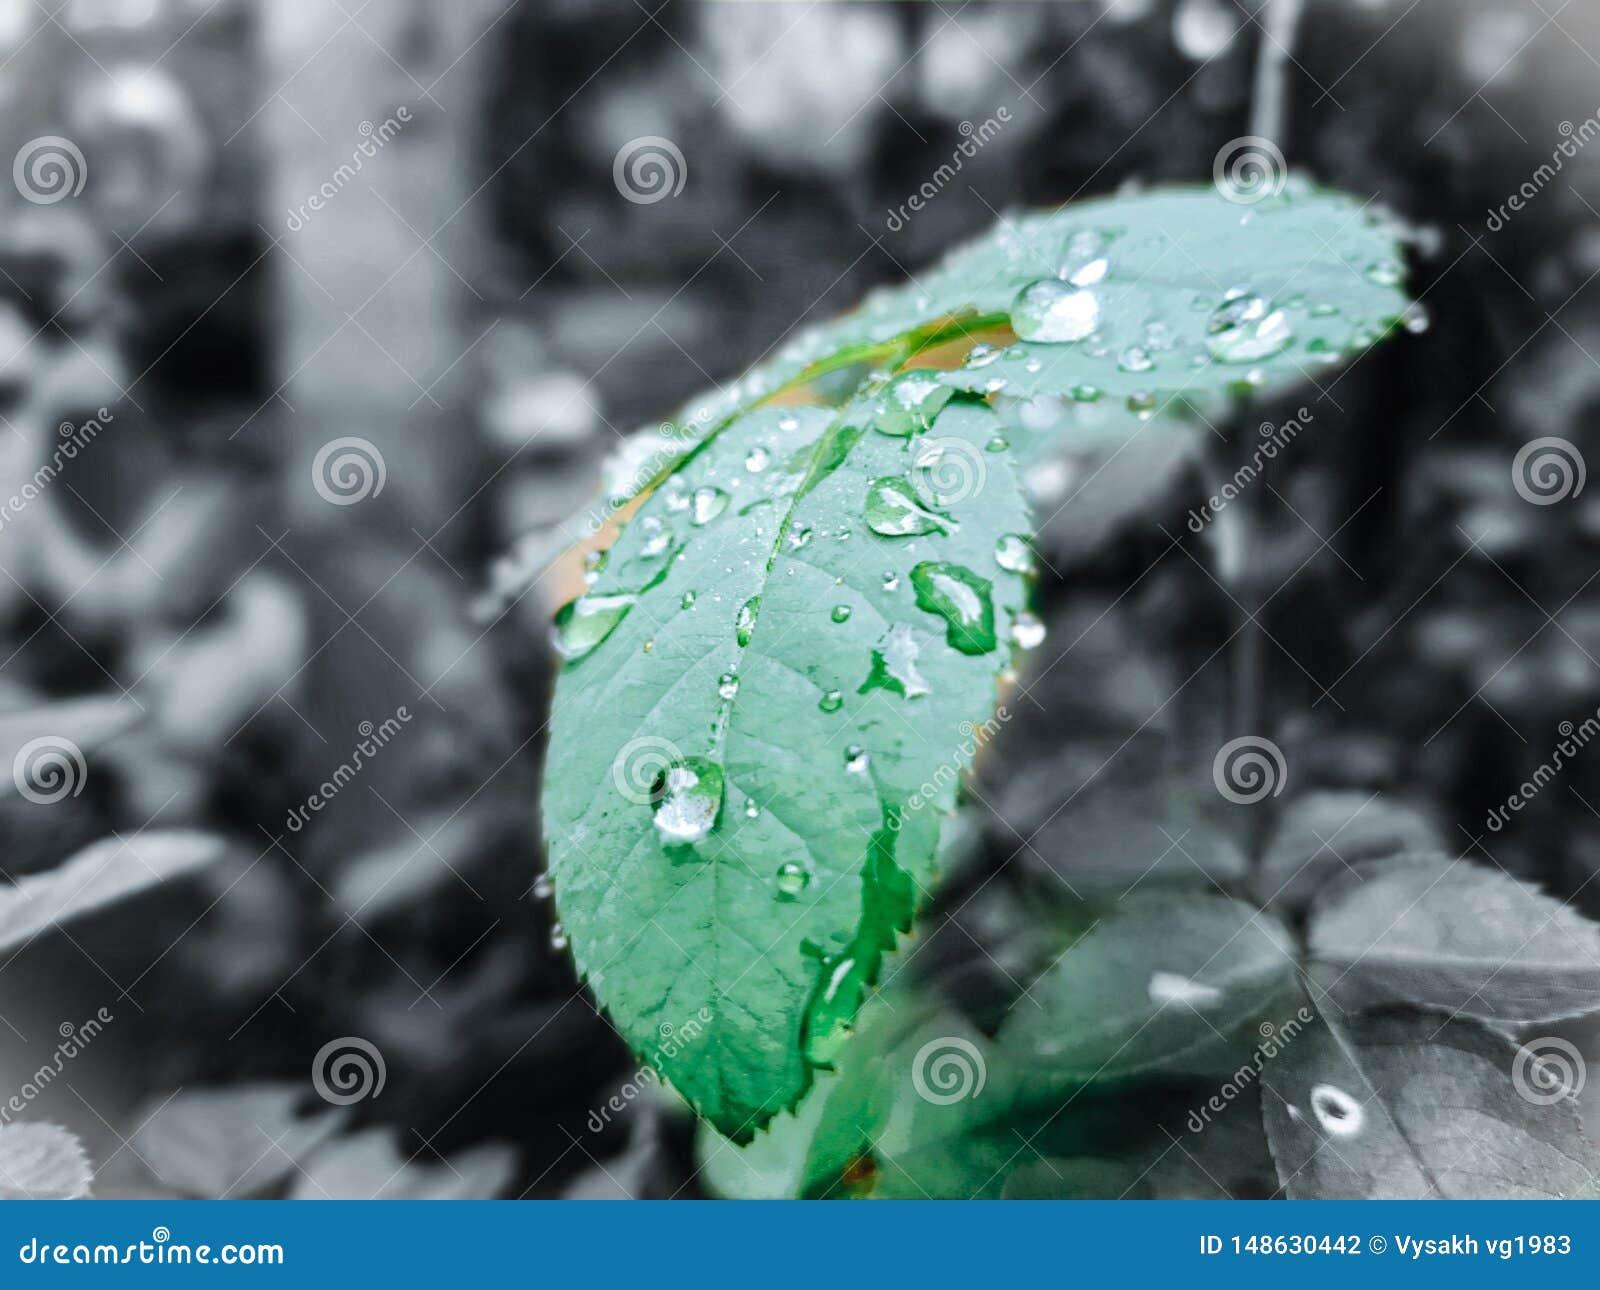 Rose Leaf In Watter Drops